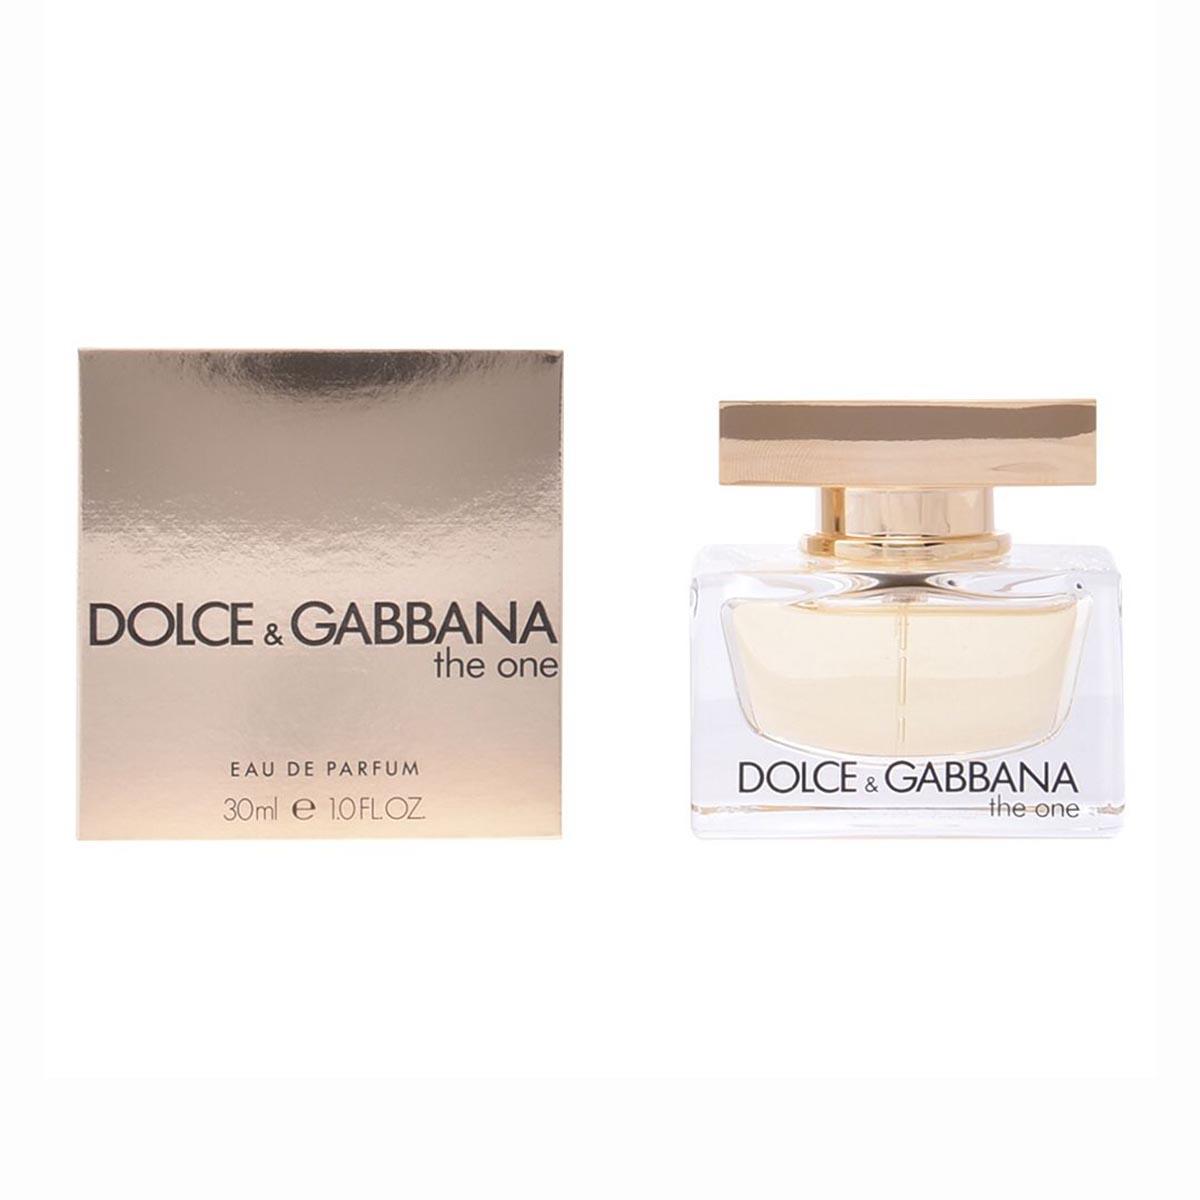 Dolce gabbana the one d g eau de parfum 30ml vaporizador